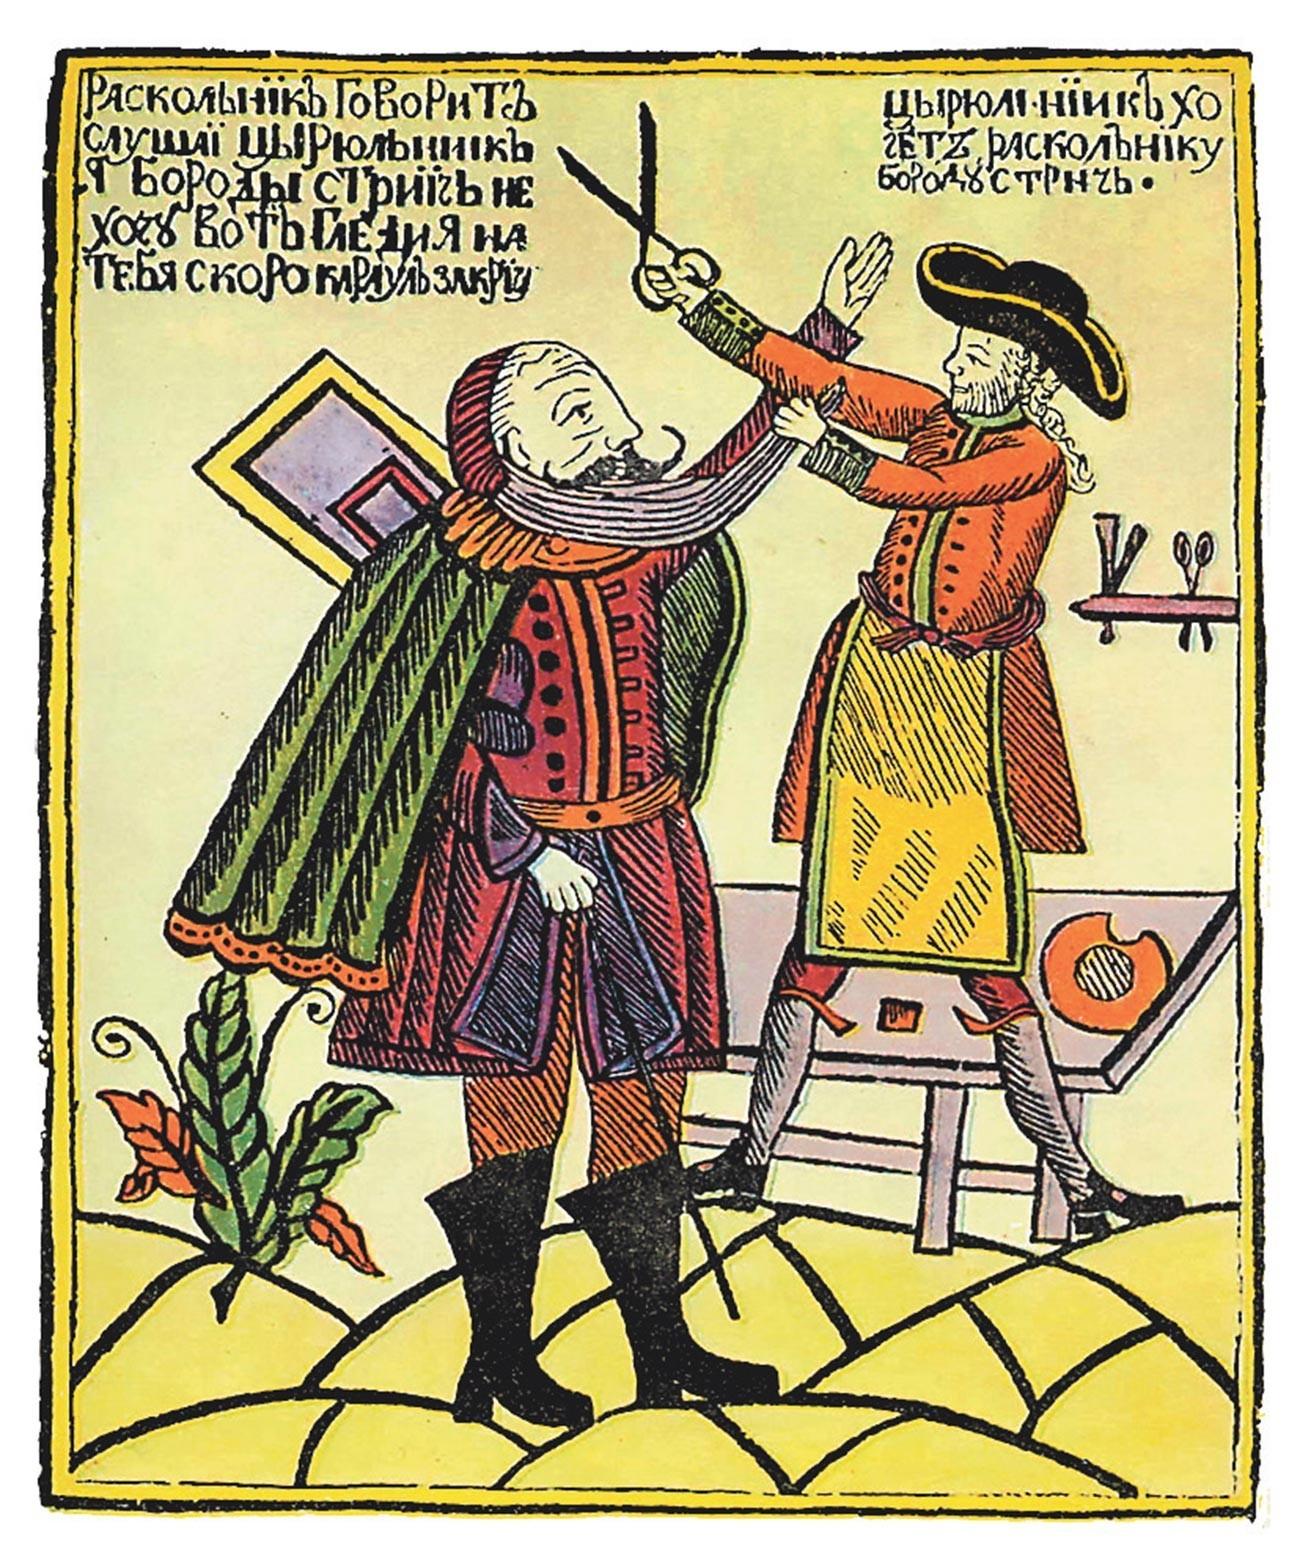 'Tukang Cukur', loubok (gambar rakyat) Rusia pada abad ke-18.